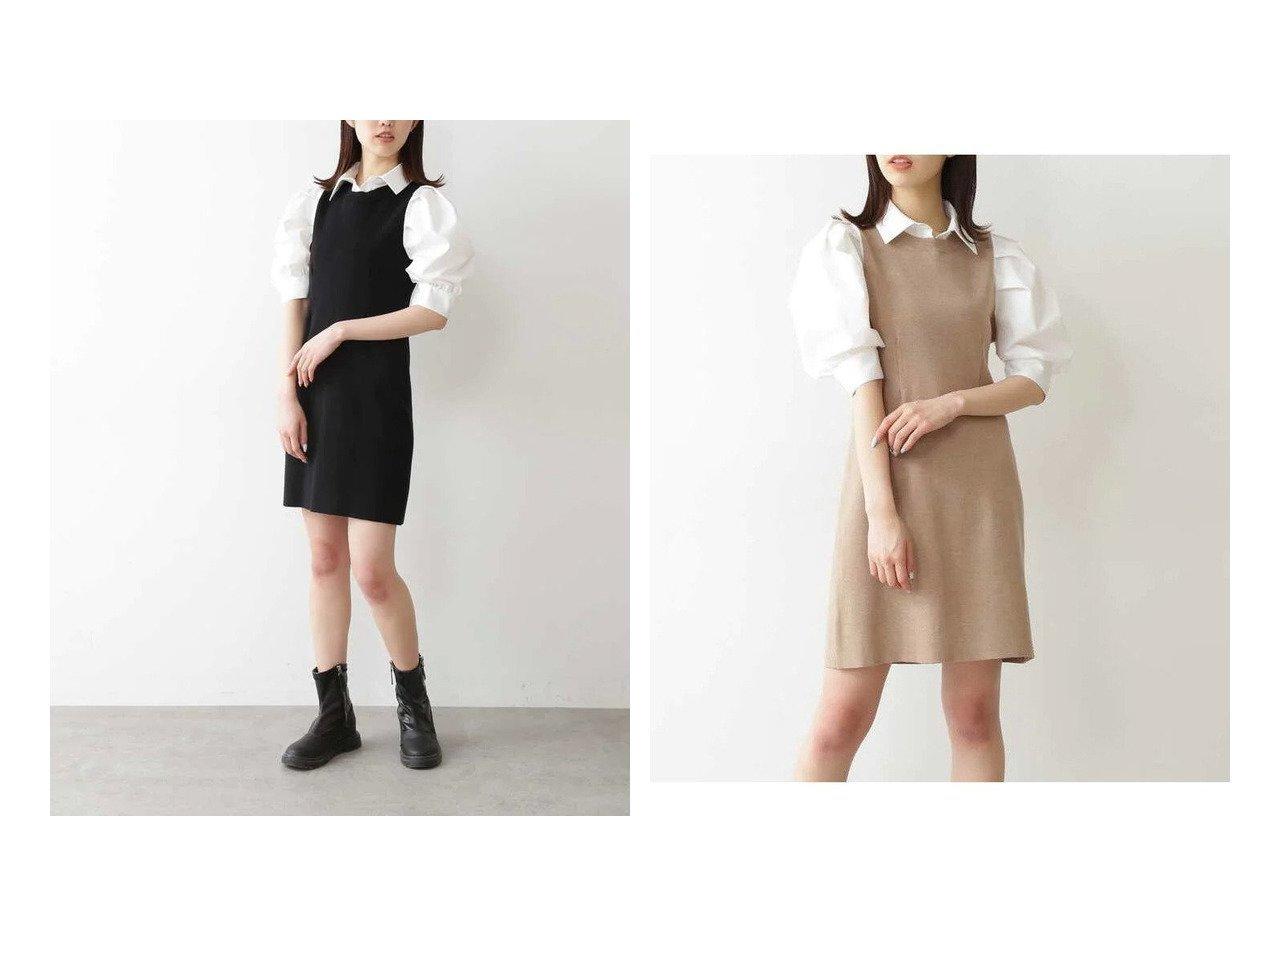 【FREE'S MART/フリーズマート】の布帛ドッキング衿付き半袖ミニワンピース 【ワンピース・ドレス】おすすめ!人気、トレンド・レディースファッションの通販 おすすめで人気の流行・トレンド、ファッションの通販商品 インテリア・家具・メンズファッション・キッズファッション・レディースファッション・服の通販 founy(ファニー) https://founy.com/ ファッション Fashion レディースファッション WOMEN ワンピース Dress ギャザー ショルダー ドッキング 半袖 |ID:crp329100000043404